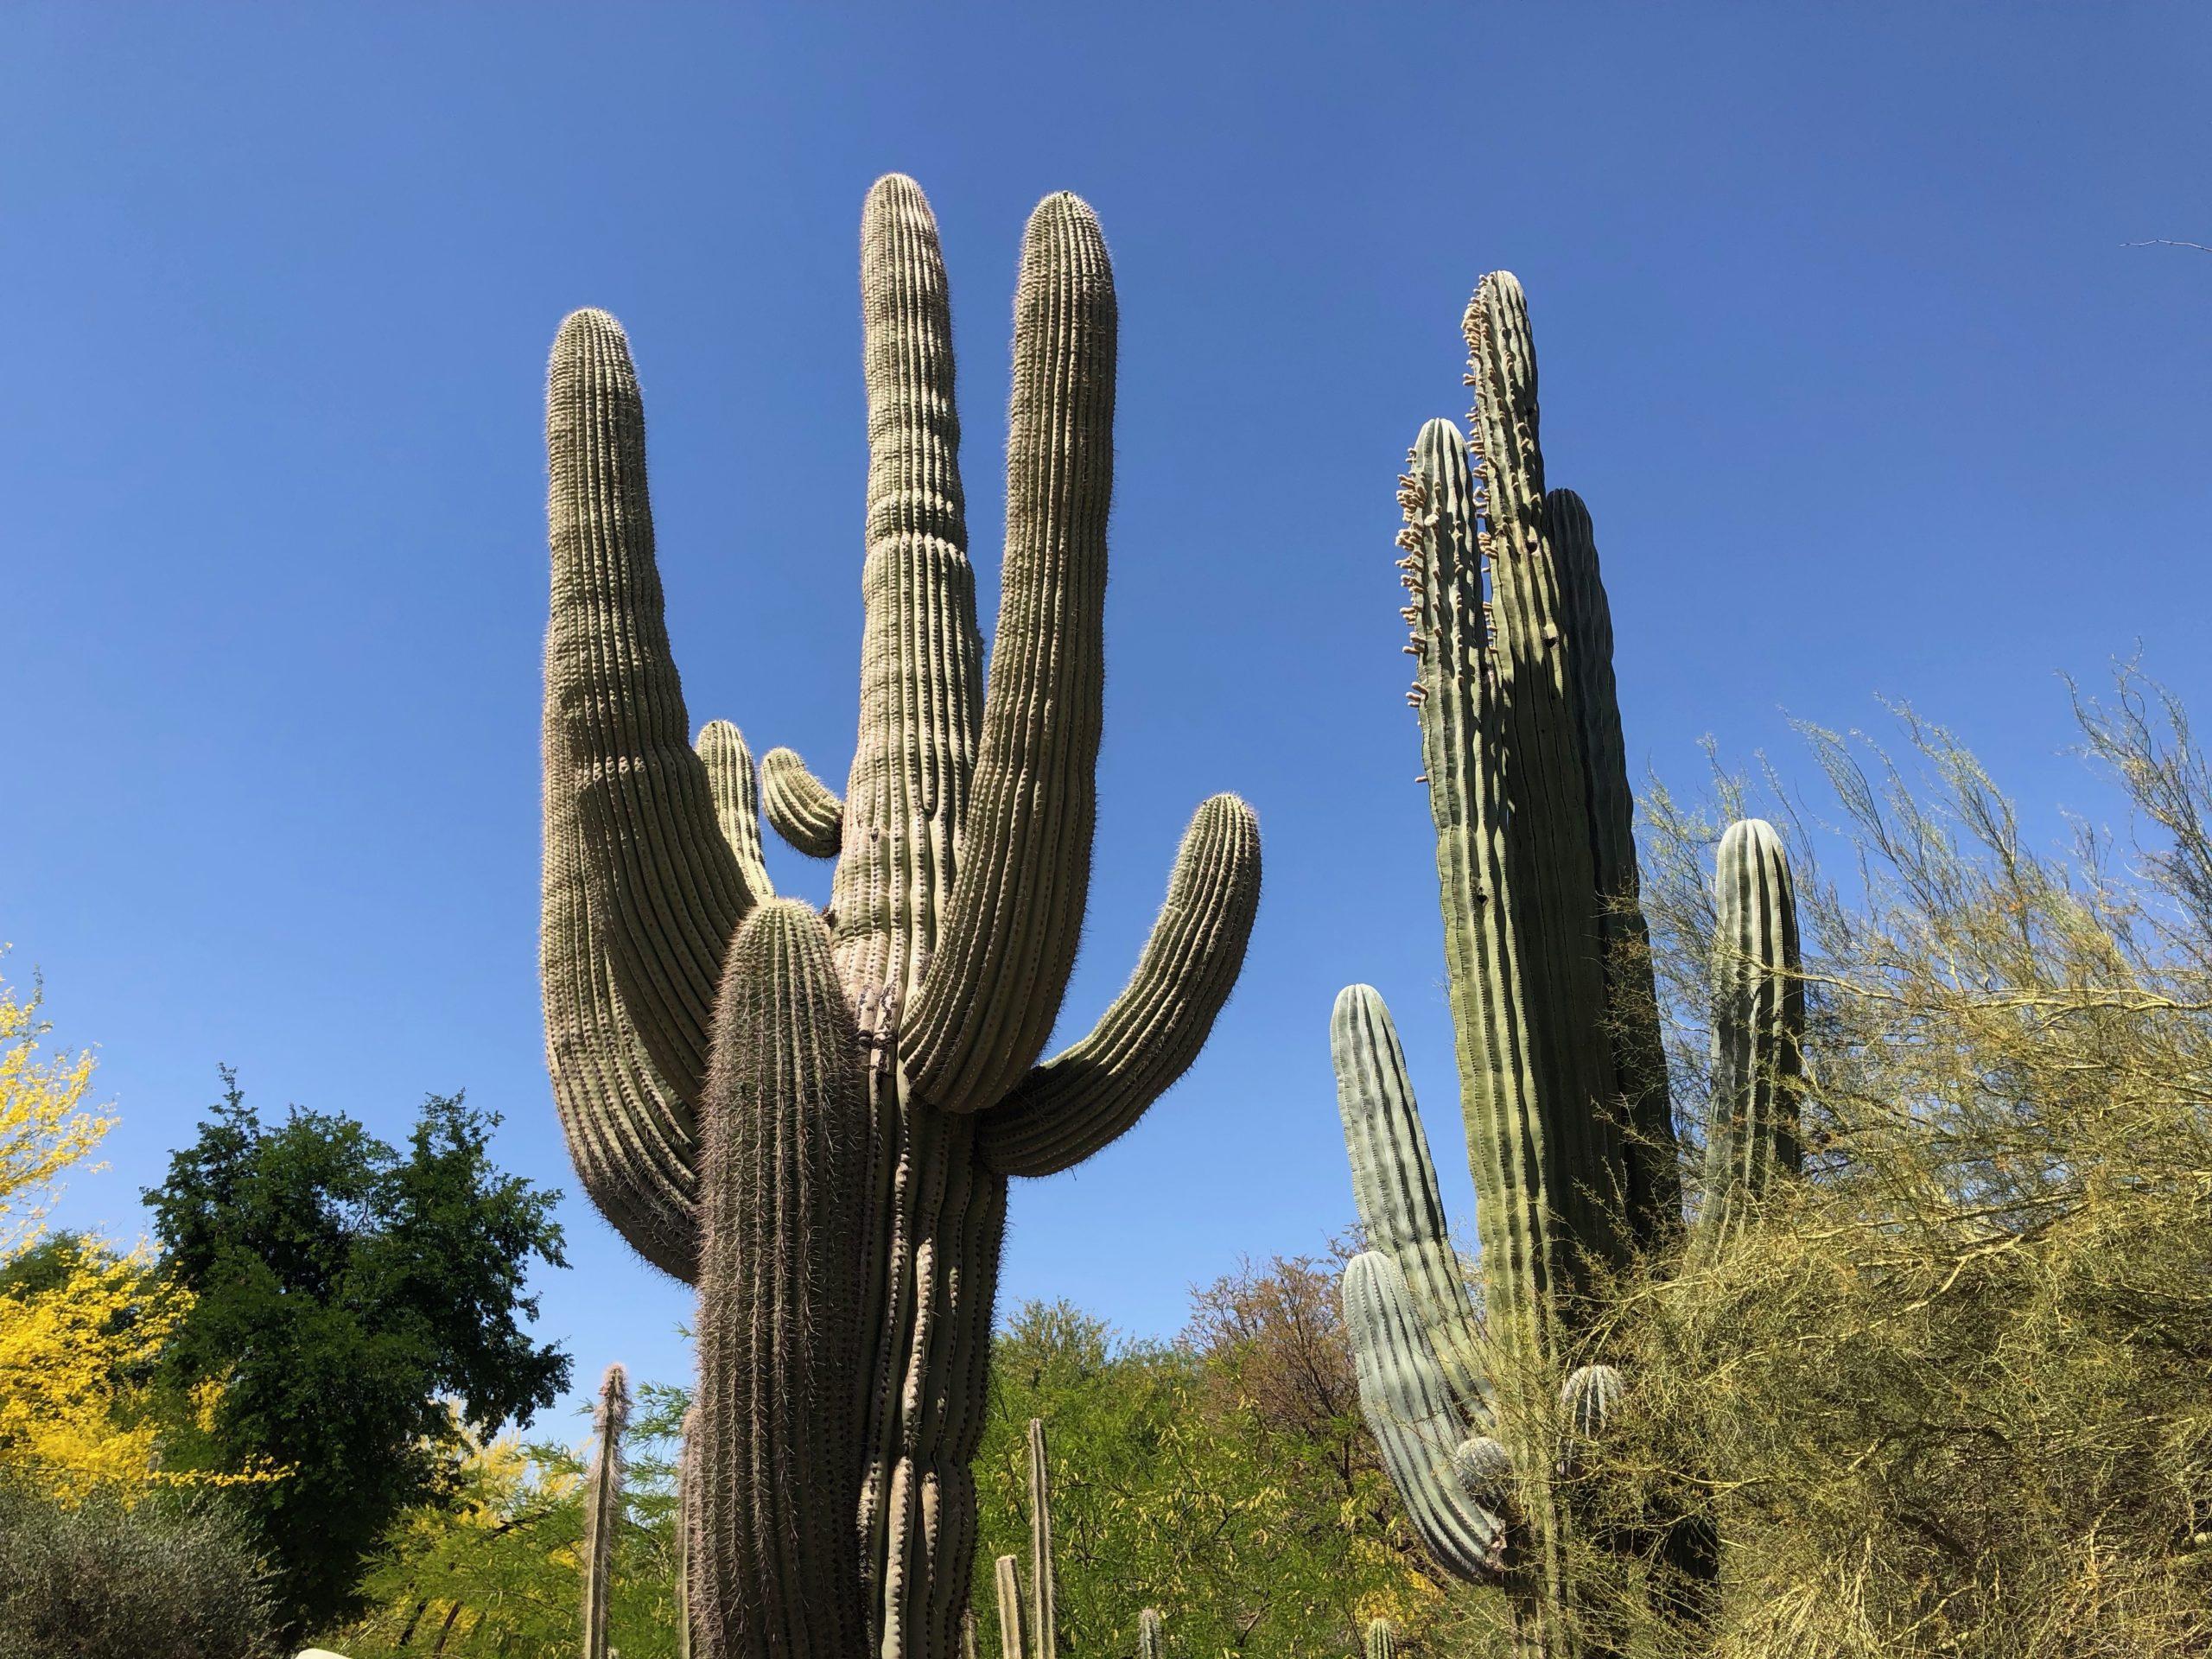 Saguaro Kakteen in Arizona mit blauem Himmel.